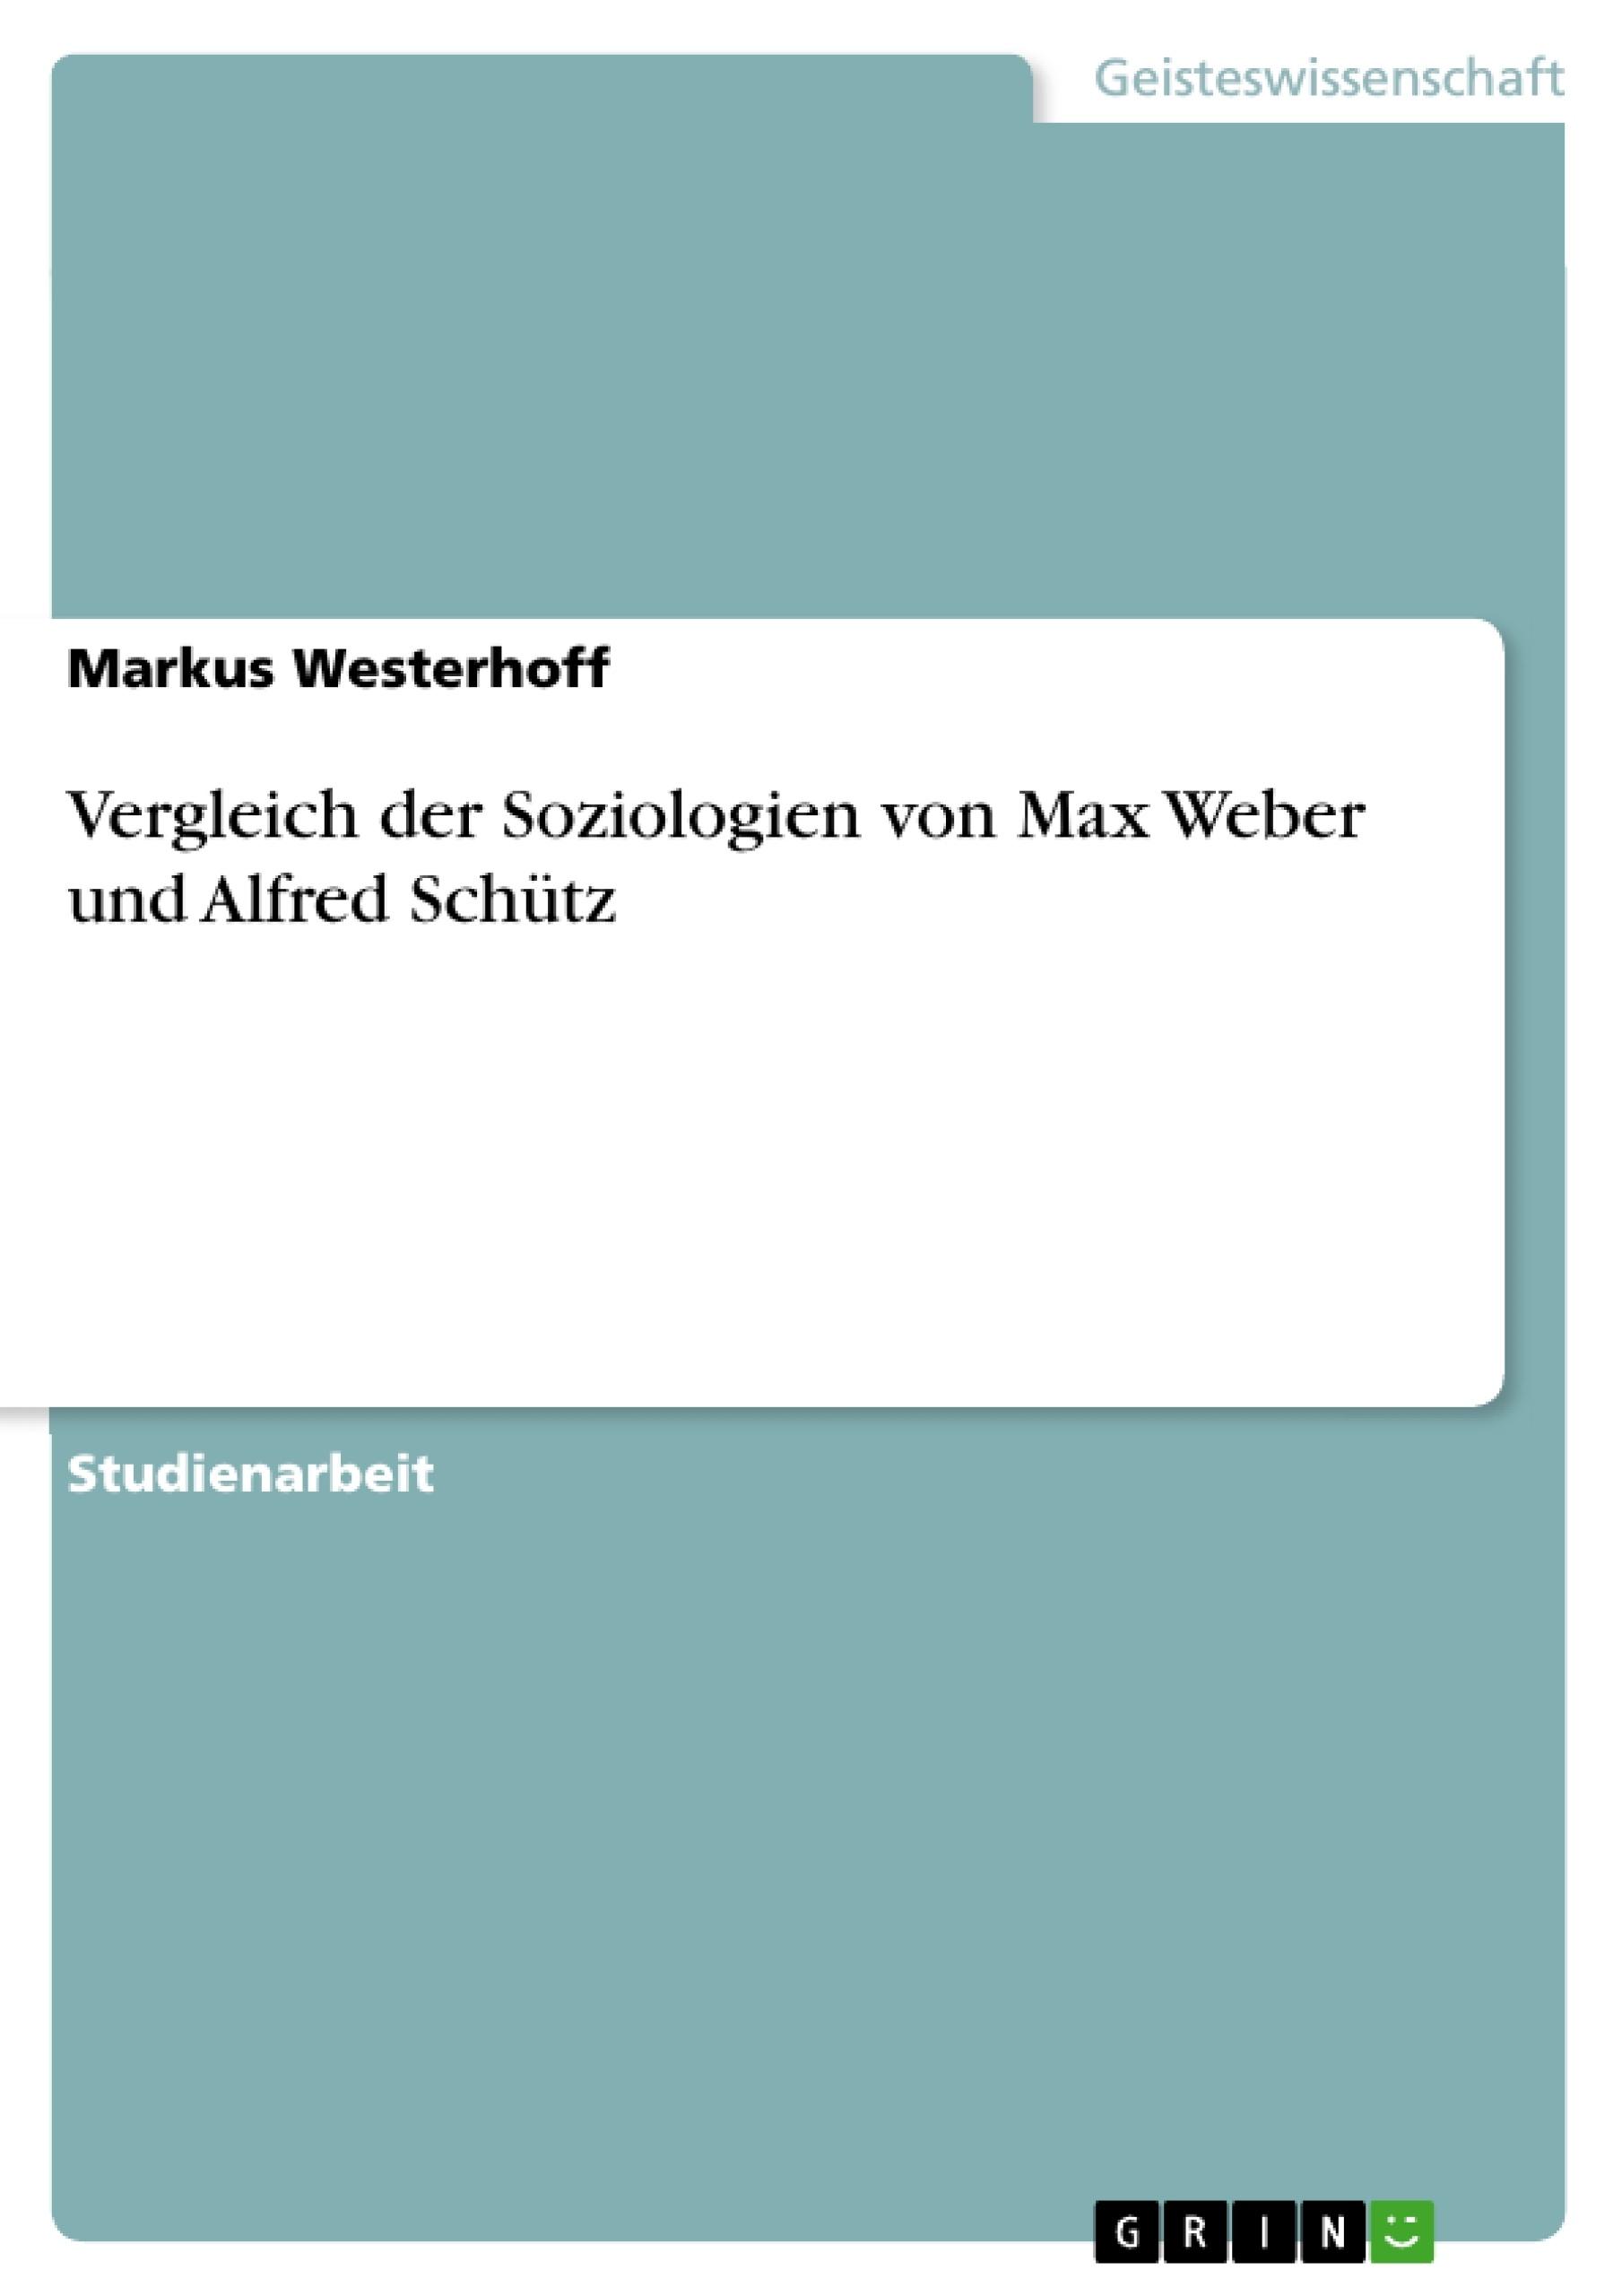 Titel: Vergleich der Soziologien von Max Weber und  Alfred Schütz